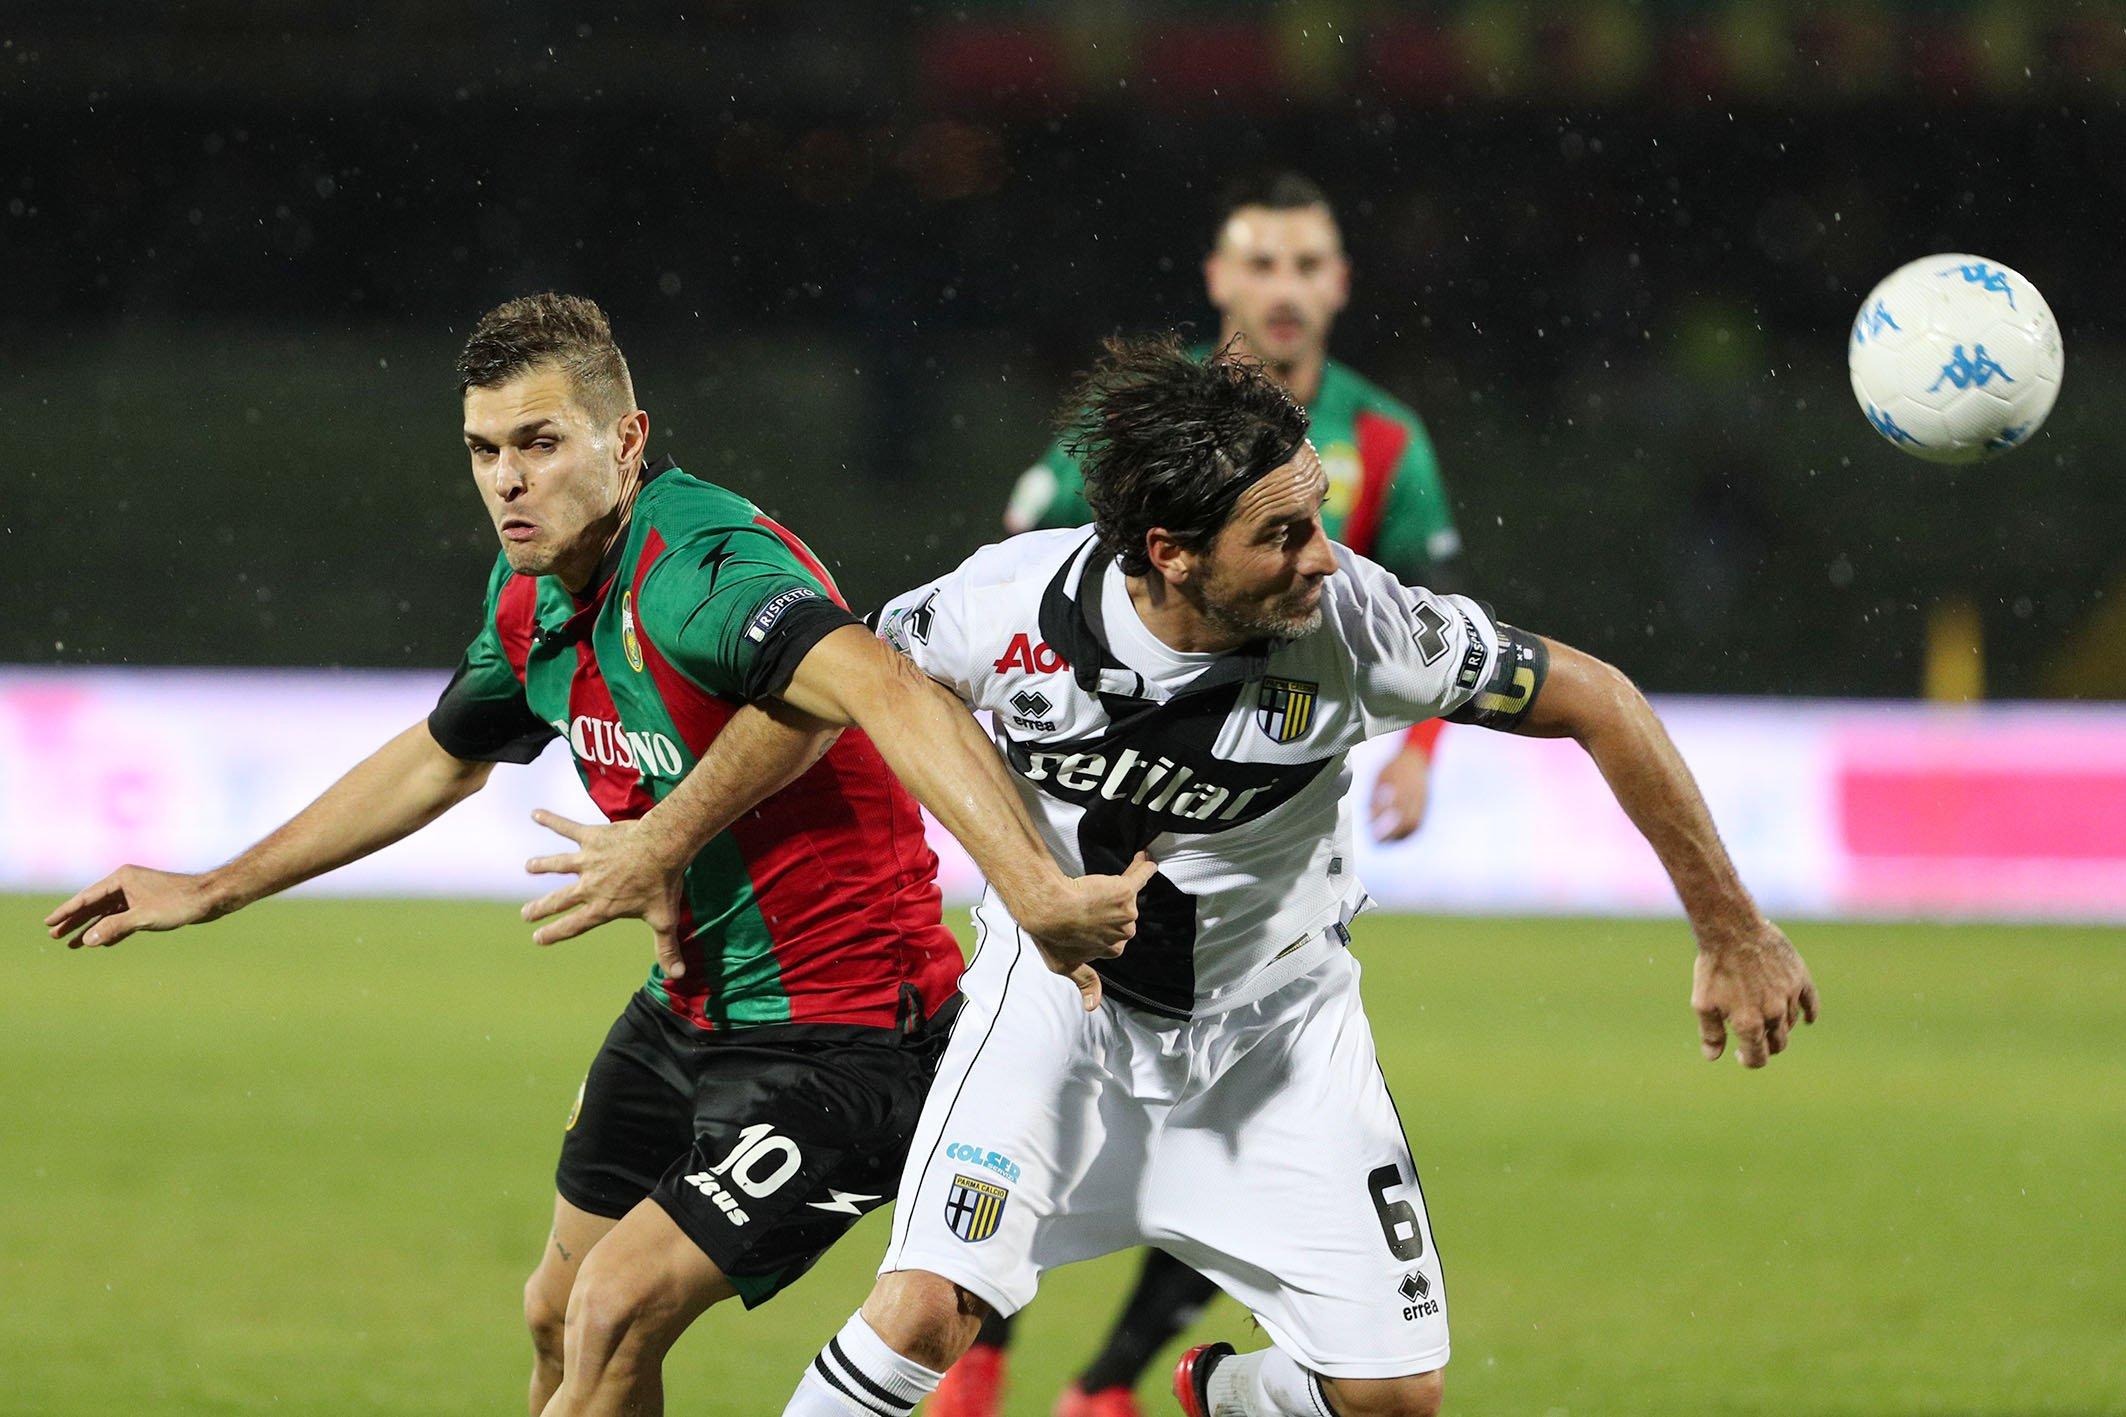 Calciomercato Ternana, Mattia Finotto verso il Brescia